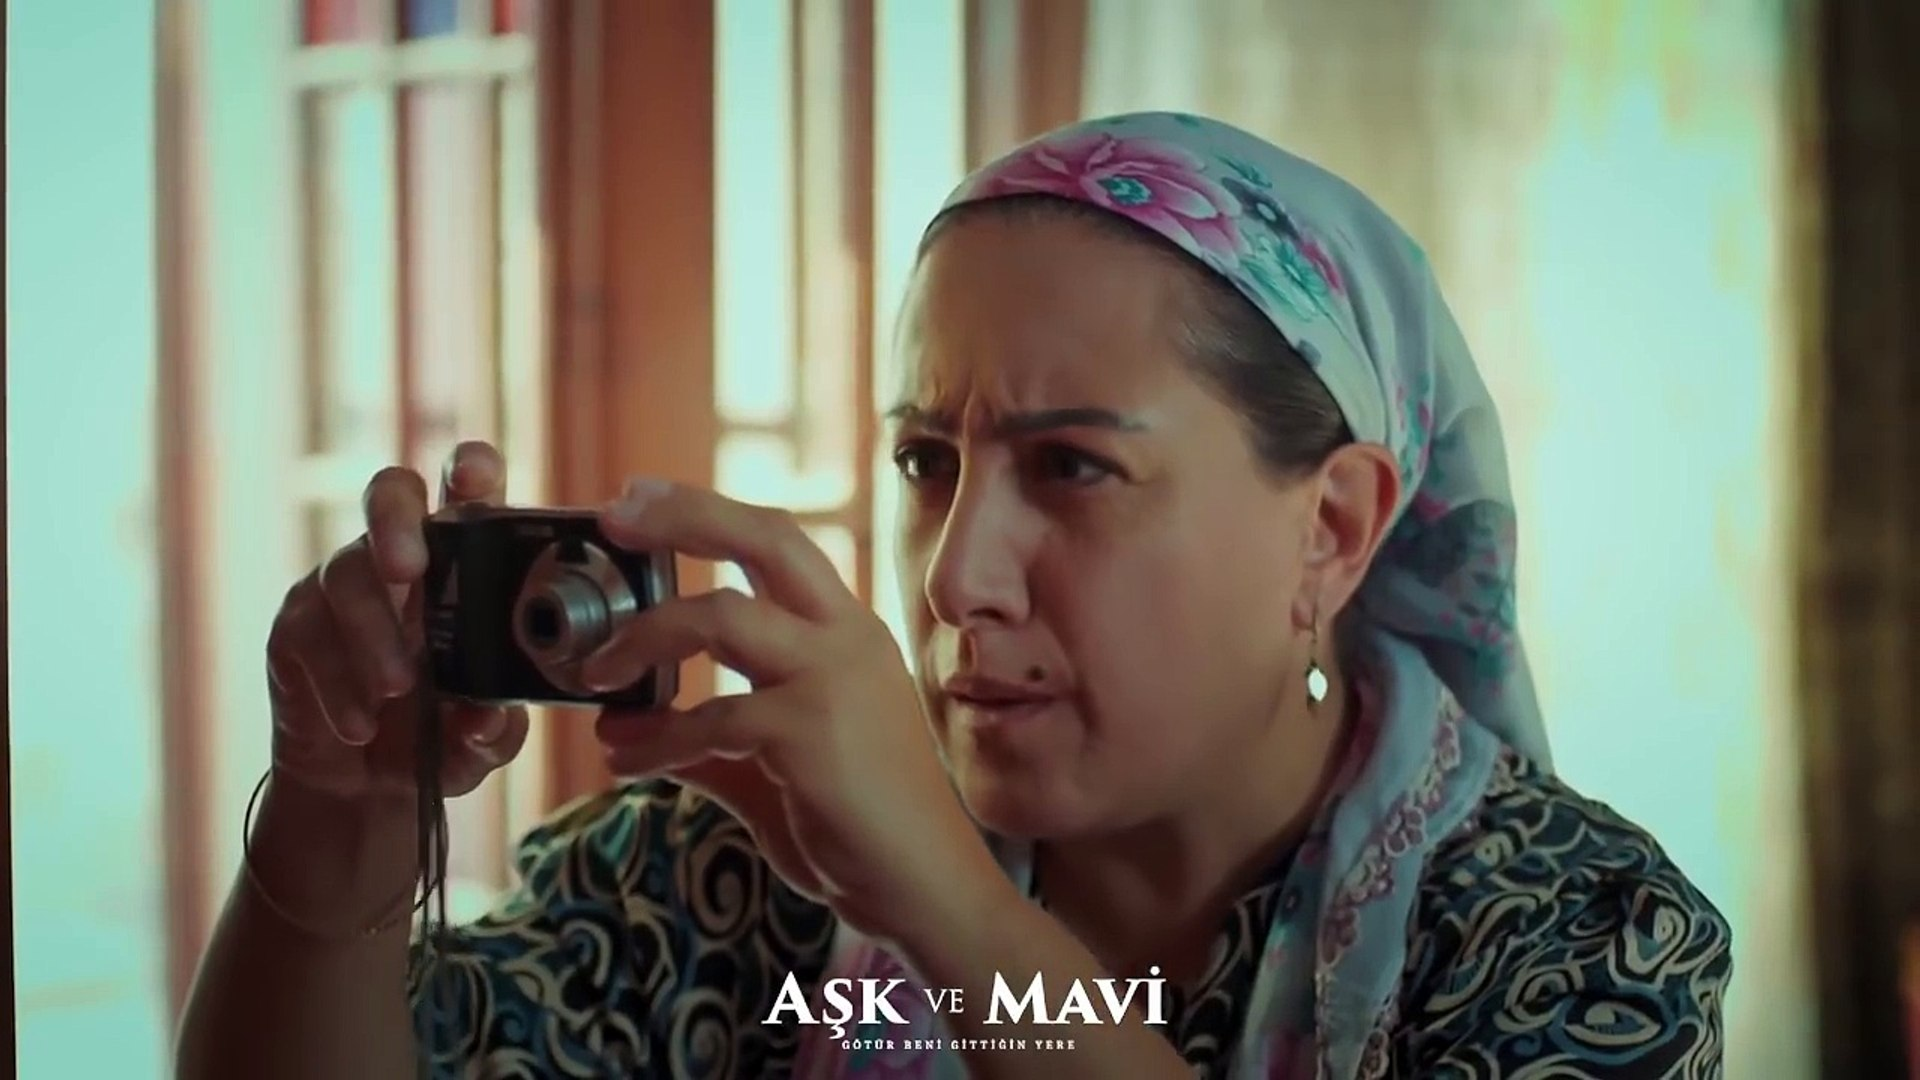 Aşk ve Mavi 37.Bölüm - Birgül, Safiye'nin isteğiyle elbiselerin resmini çeker!